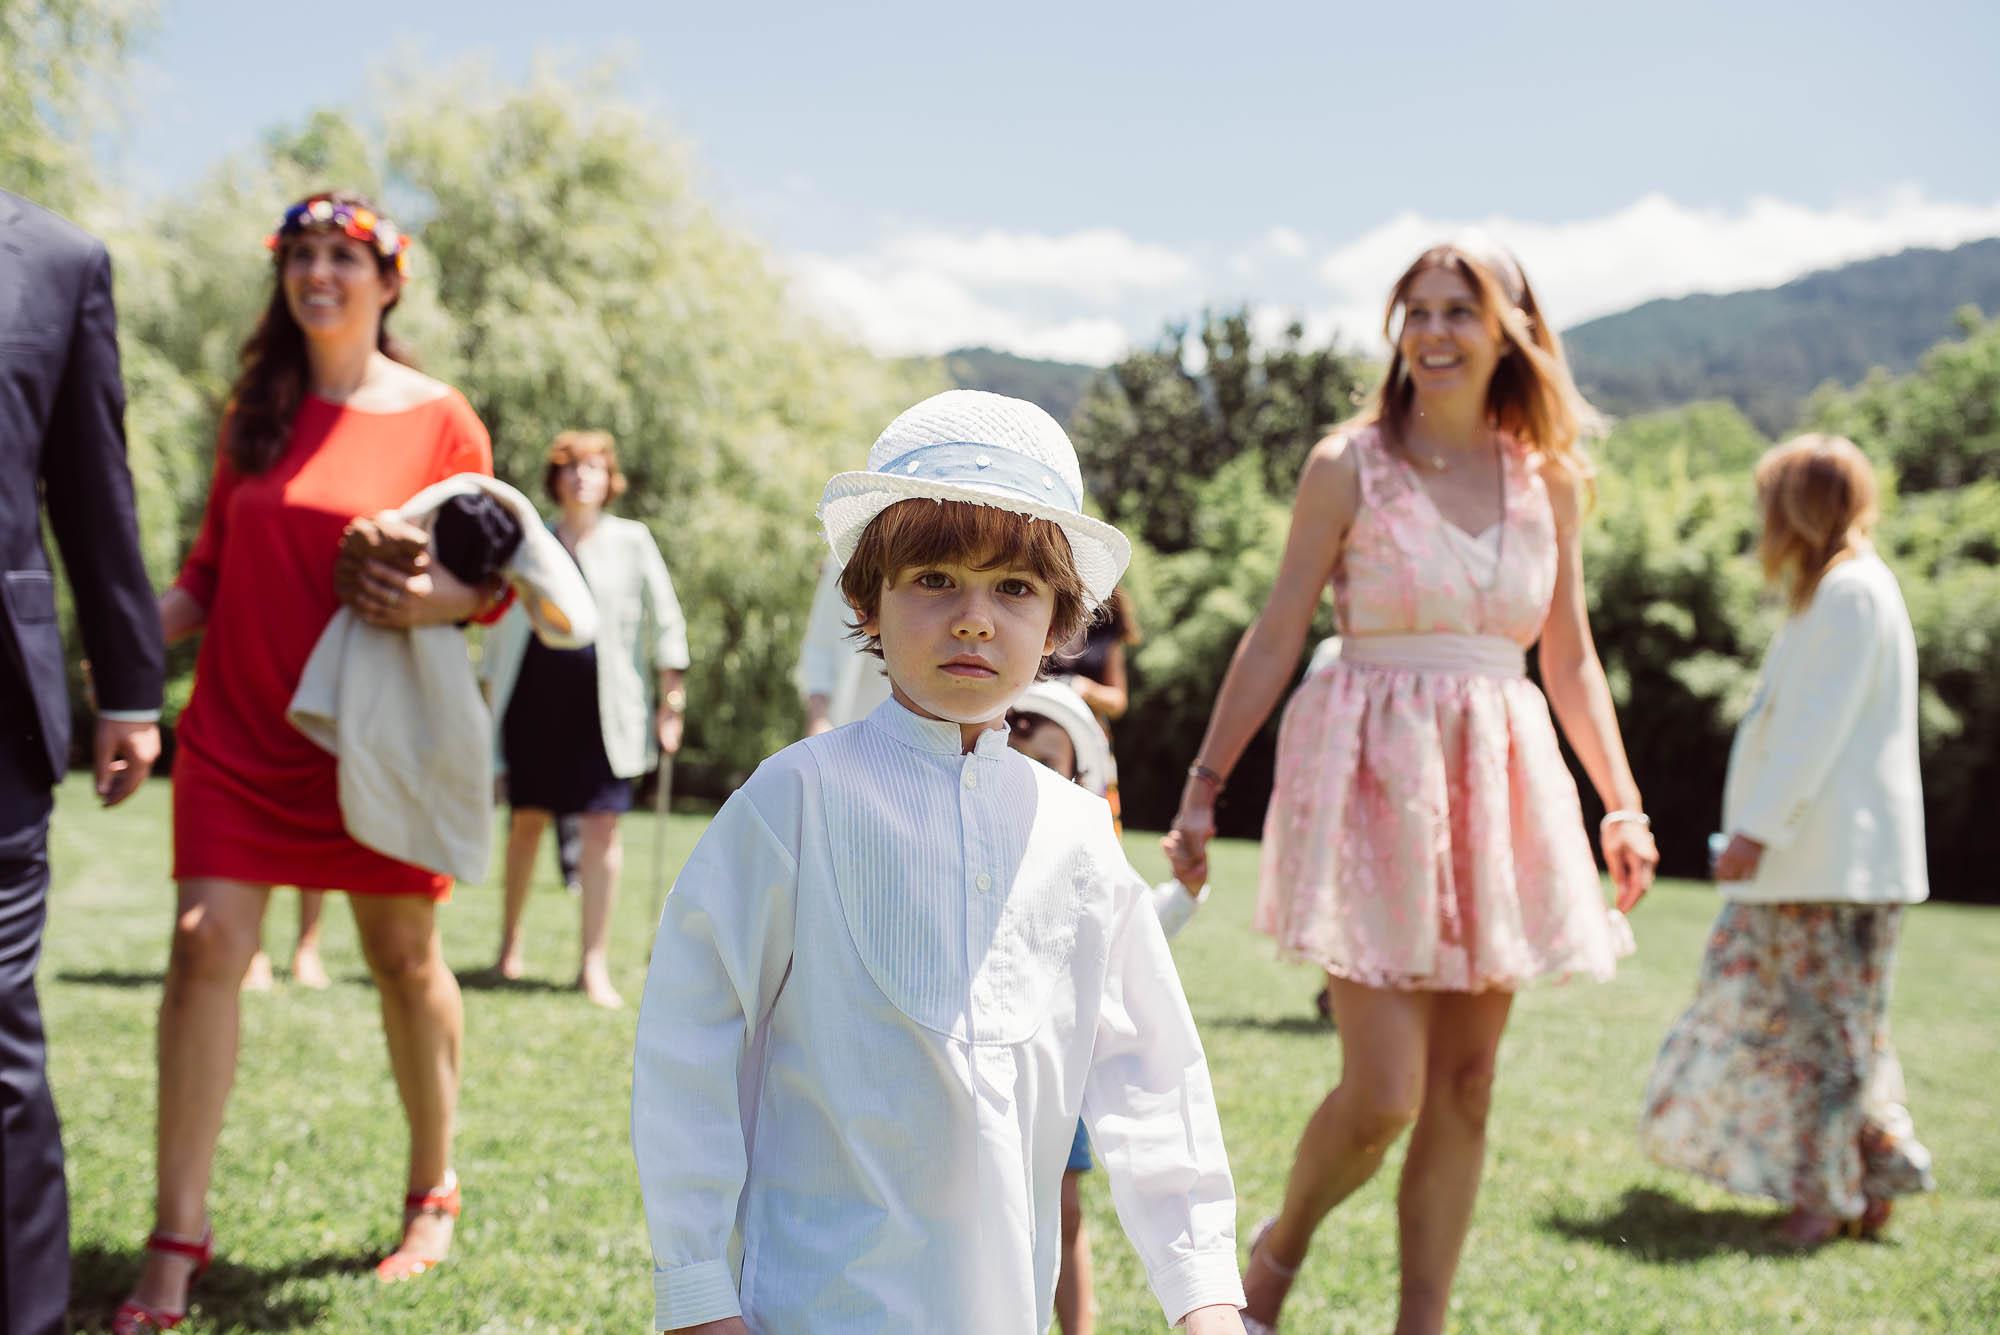 Un niño vestido de blanco con sombrero junto a varios invitados yendo de camino al altar